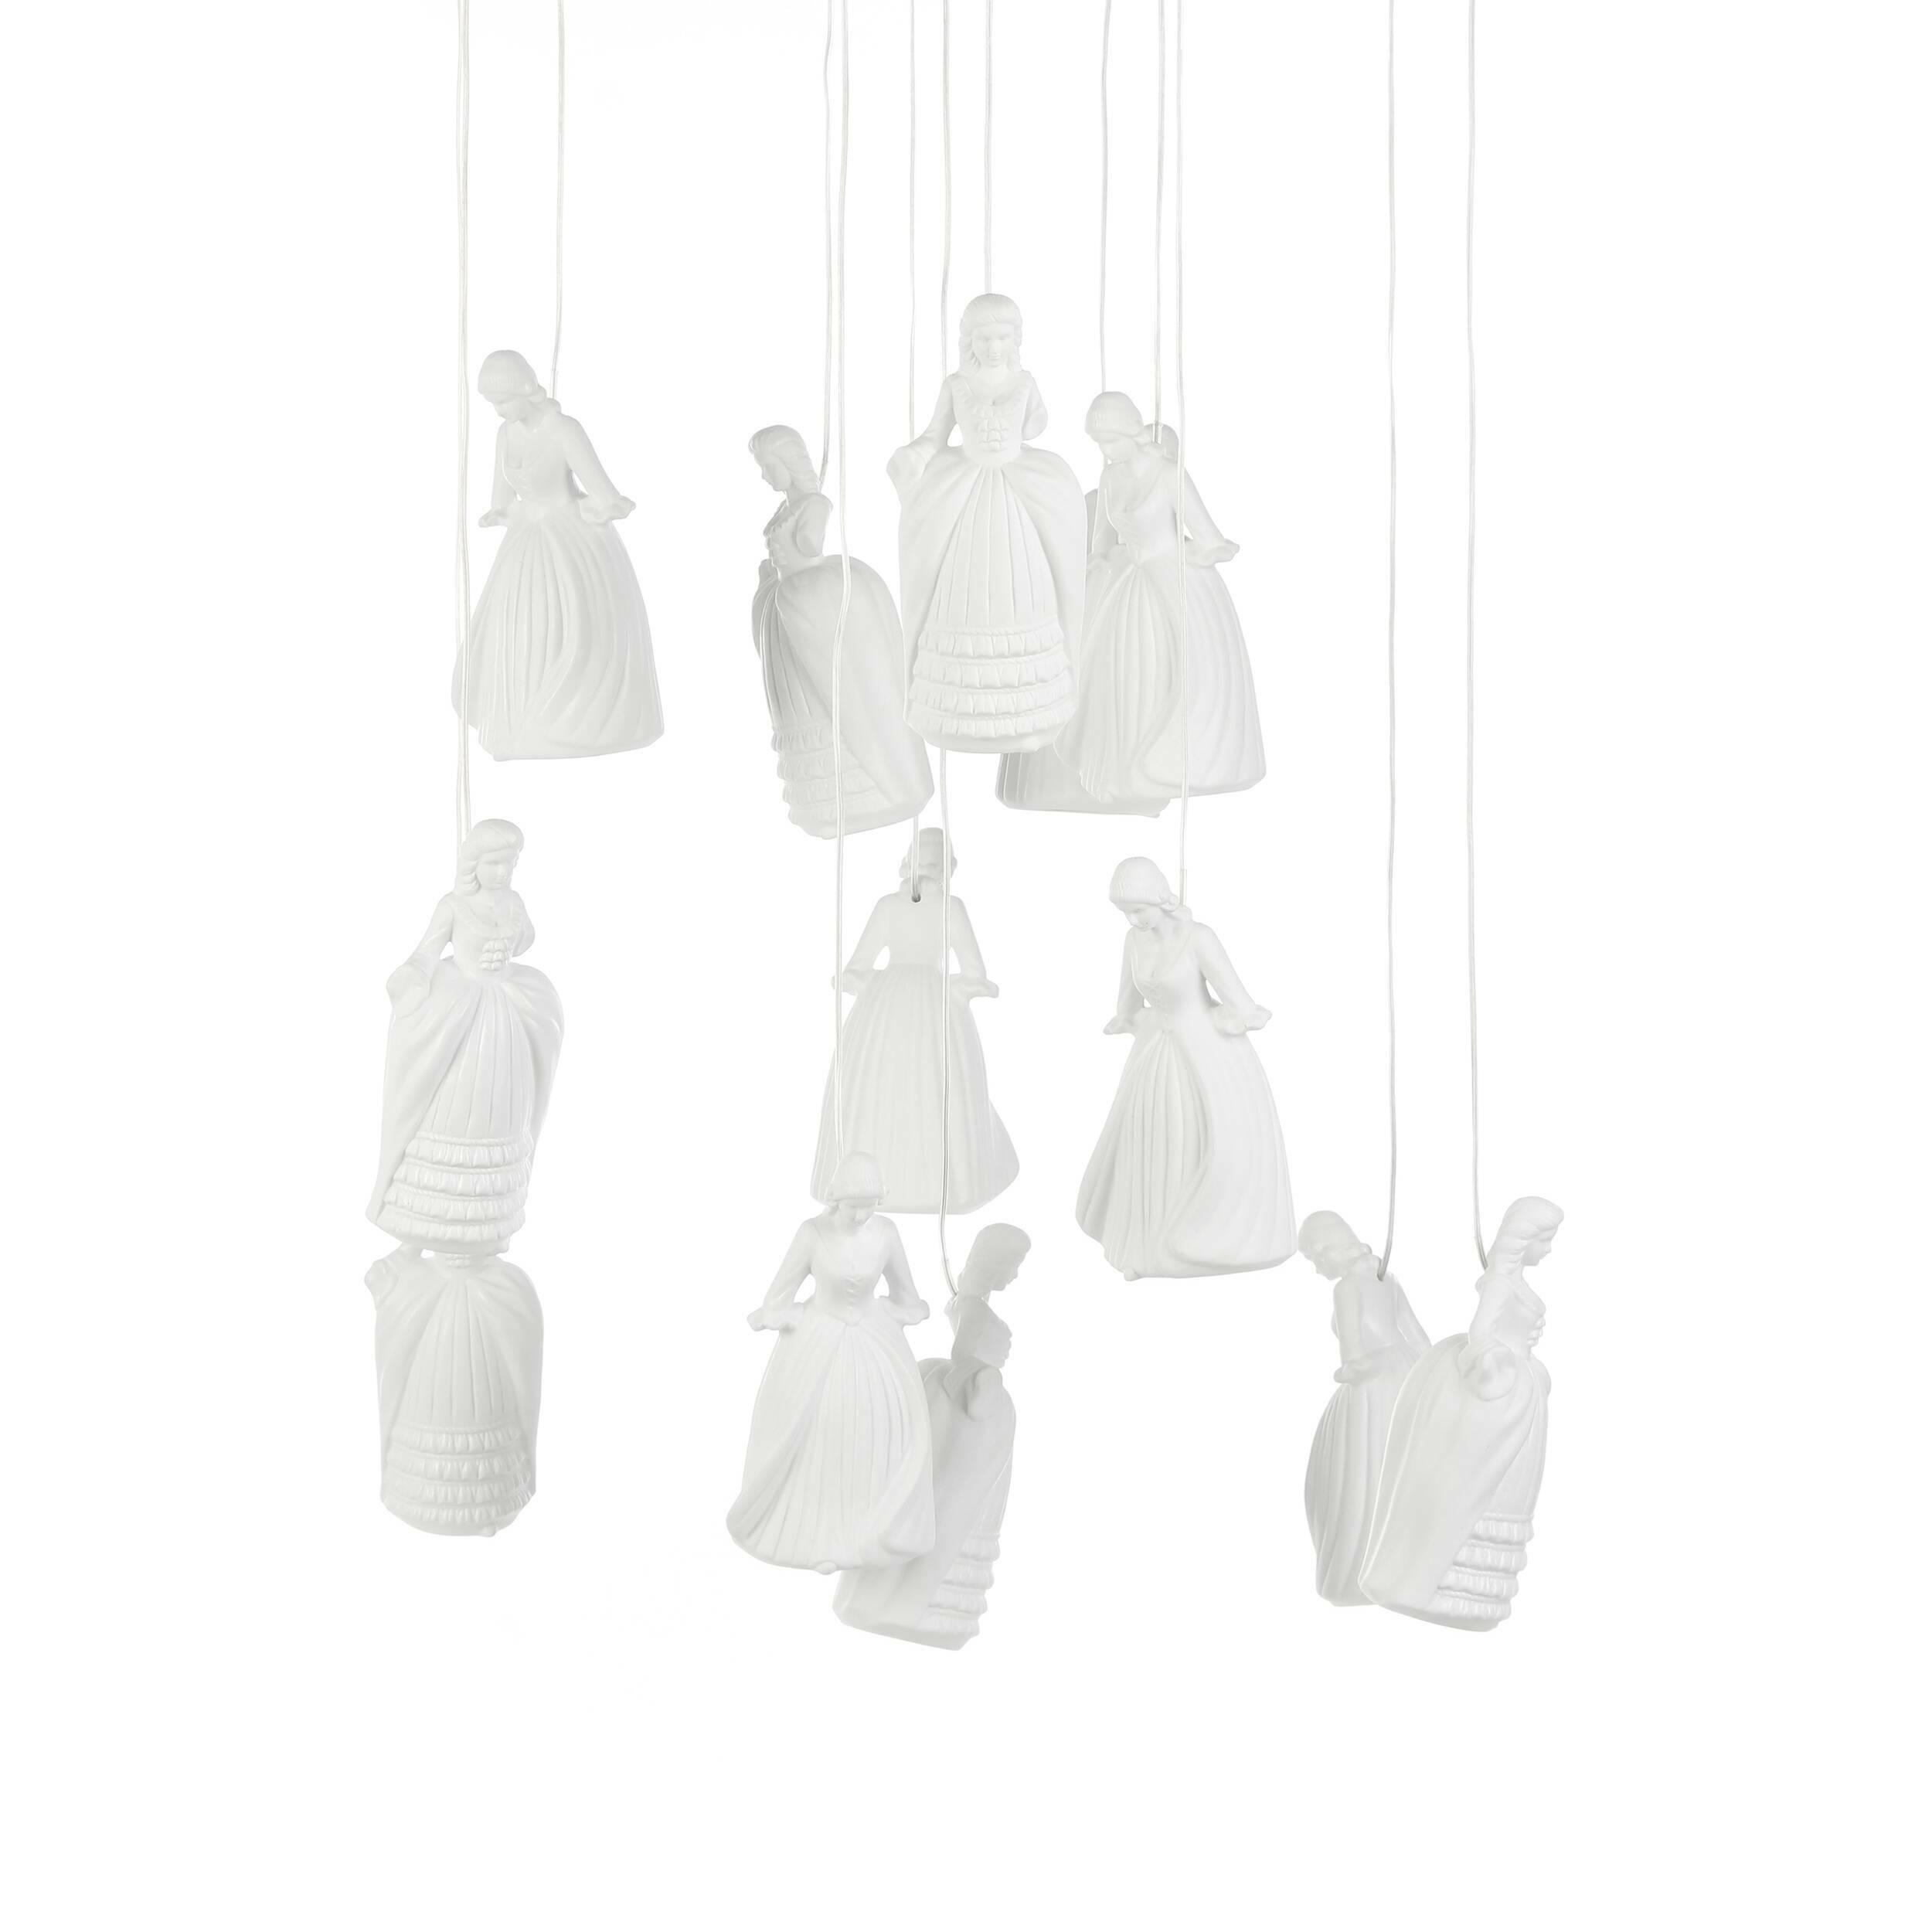 Подвесной светильник Forest Nymphs, 13 лампПодвесные<br>С помощью правильно подобранных элементов интерьера любая комната может стать настоящим произведением искусства. Дизайнерский подвесной светильник Forest Nymphs, 13 ламп – это восхитительное изделие, которое вмиг привлечет к себе внимание и станет настоящей изюминкой всей обстановки. Модель представляет собой необычную композицию из фигурных абажуров, которые даже при выключенном свете будут украшать собой помещение.<br><br><br> Эта модель светильника изготавливается из керамики – идеального м...<br><br>stock: 3<br>Высота: 180<br>Диаметр: 80<br>Количество ламп: 13<br>Материал абажура: Керамика<br>Материал арматуры: Металл<br>Мощность лампы: 2<br>Тип лампы/цоколь: G9 LED<br>Цвет абажура: Белый